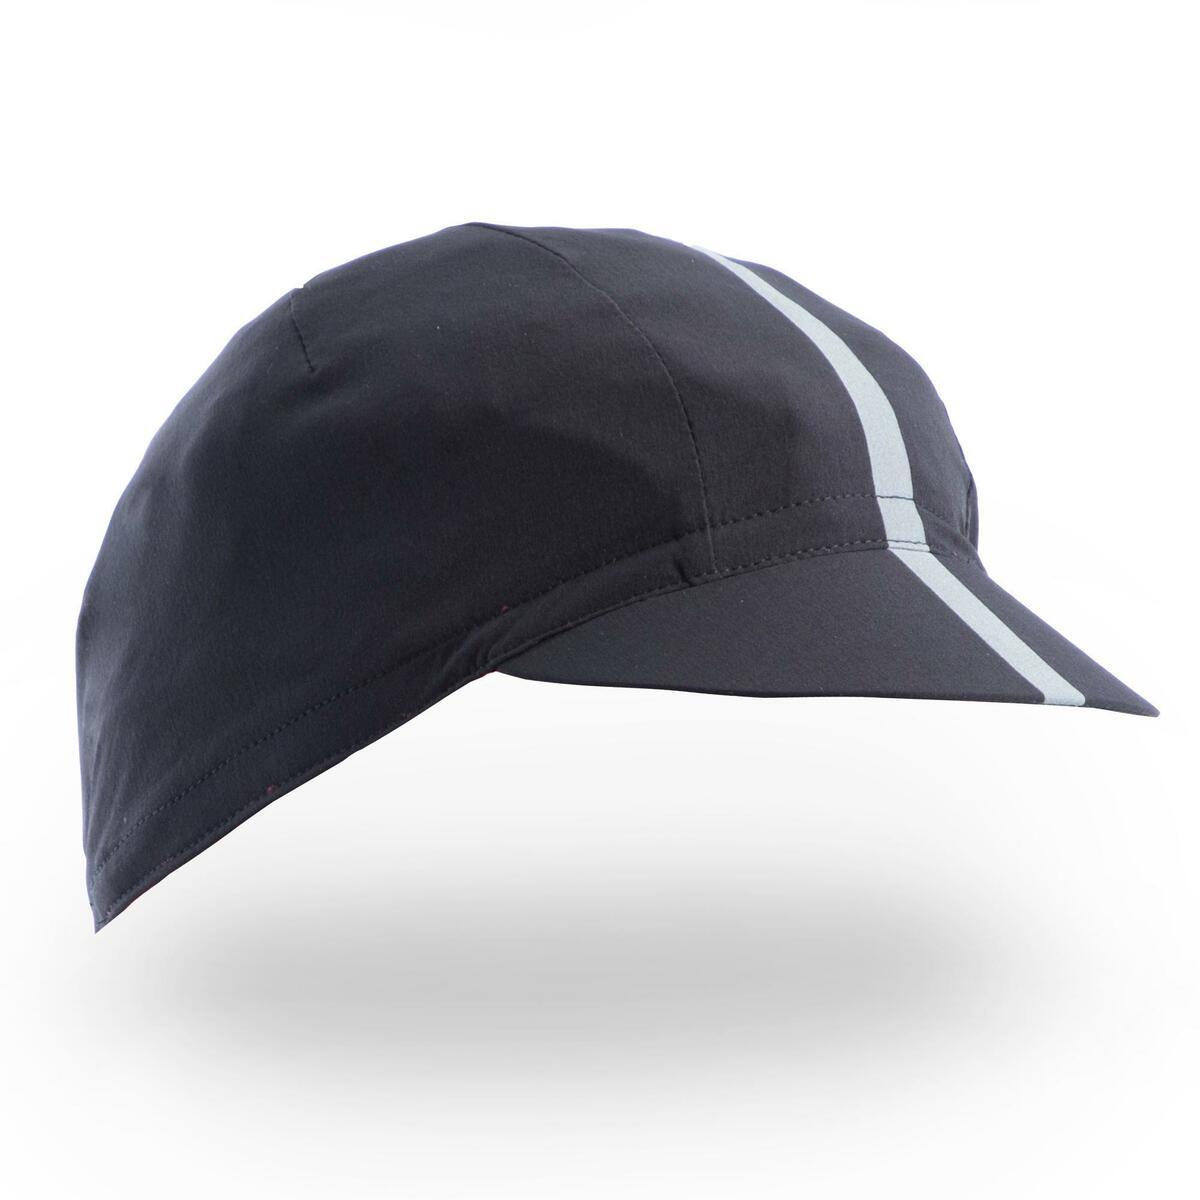 Bild 2 von Fahrrad-Mütze Rennrad RR 520 Ultralight schwarz